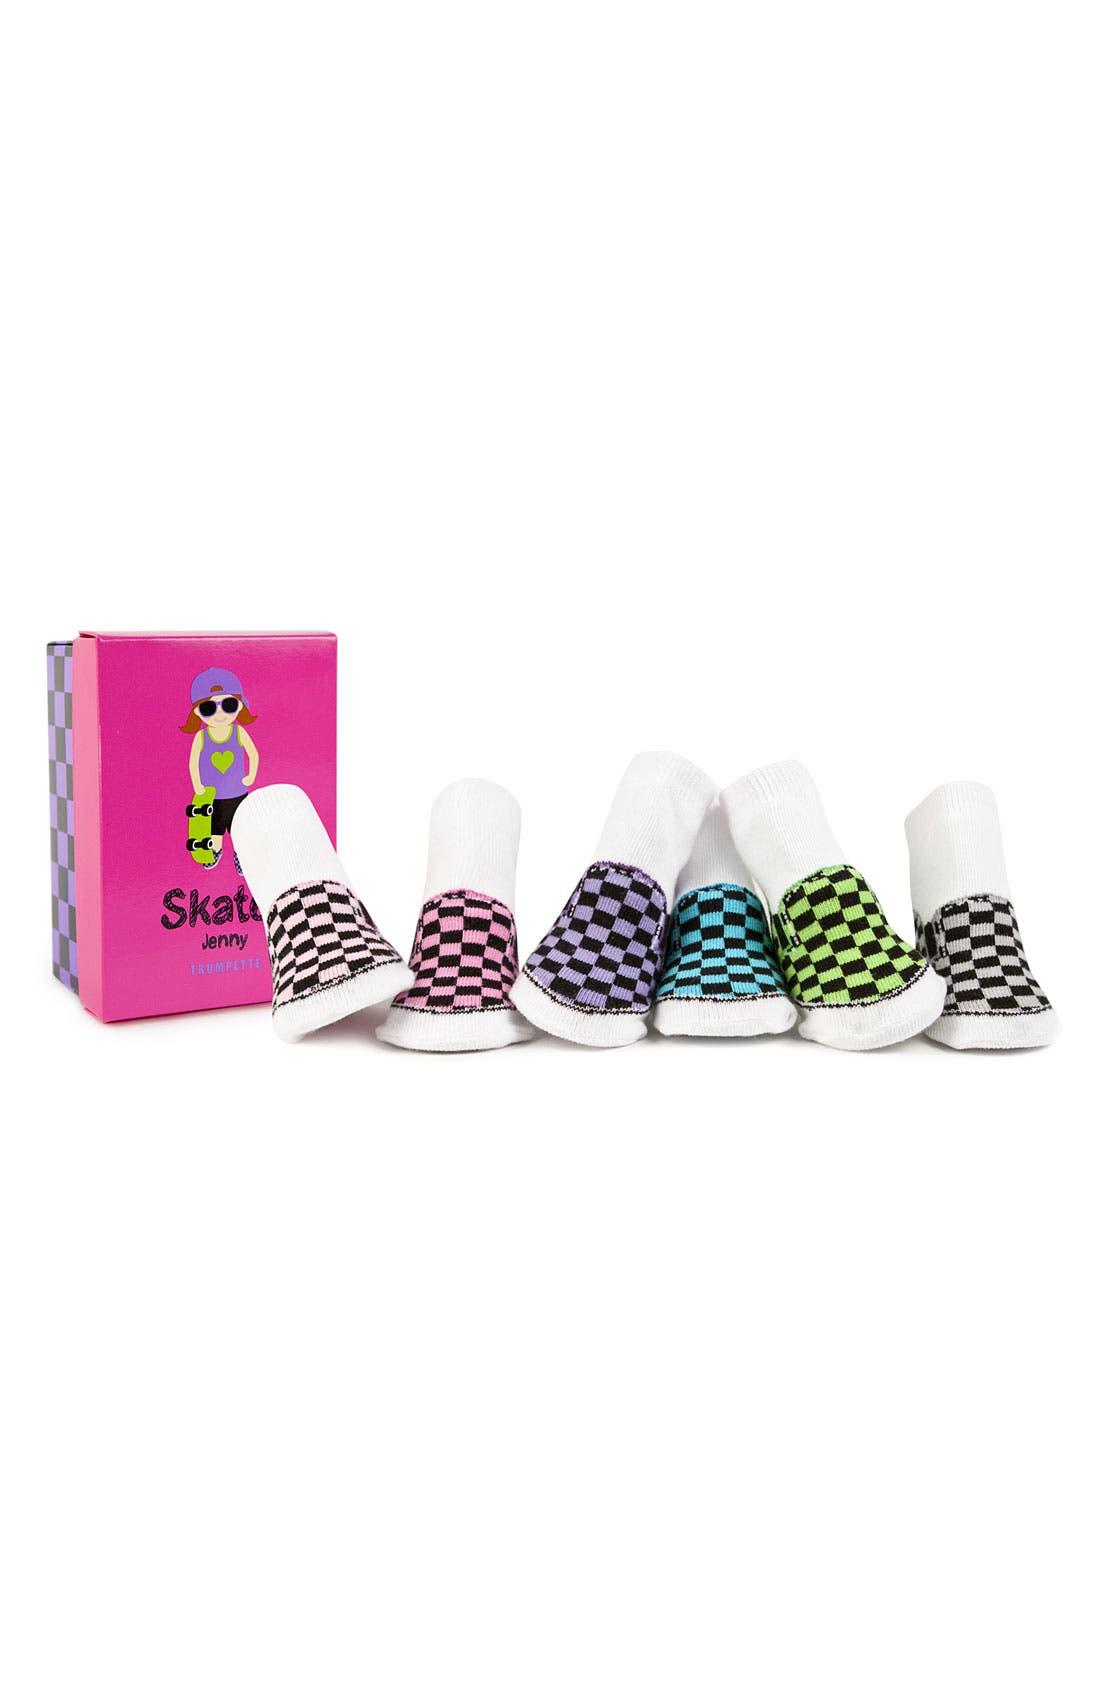 Alternate Image 1 Selected - Trumpette 'Skater Jenny' Socks (6-Pack)(Baby Girls)